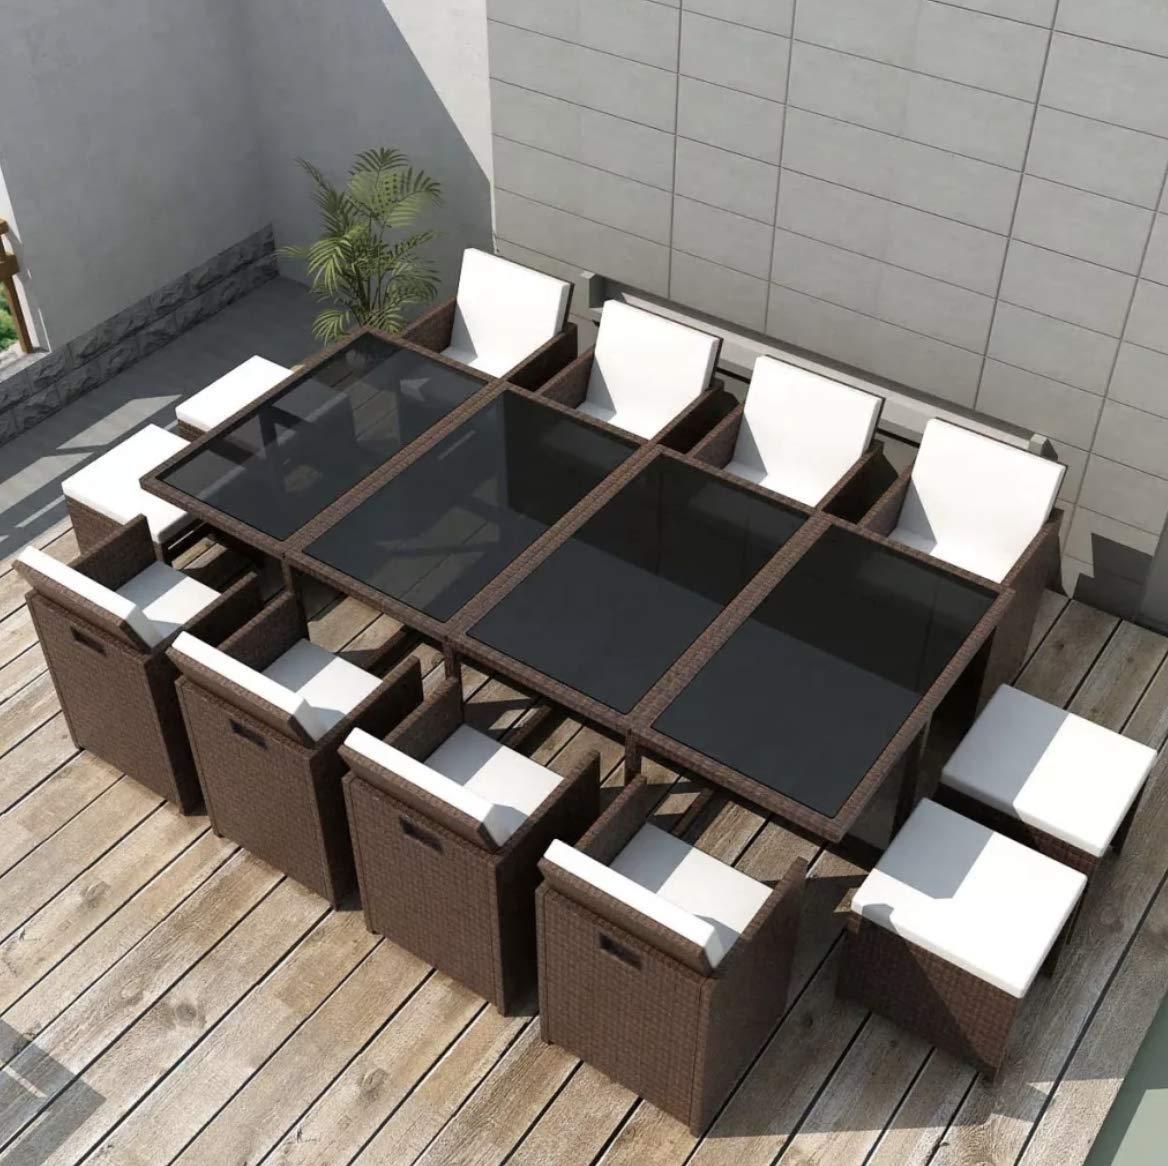 Juego de comedor grande de ratán para exteriores, muebles de jardín, mesa de cristal de color